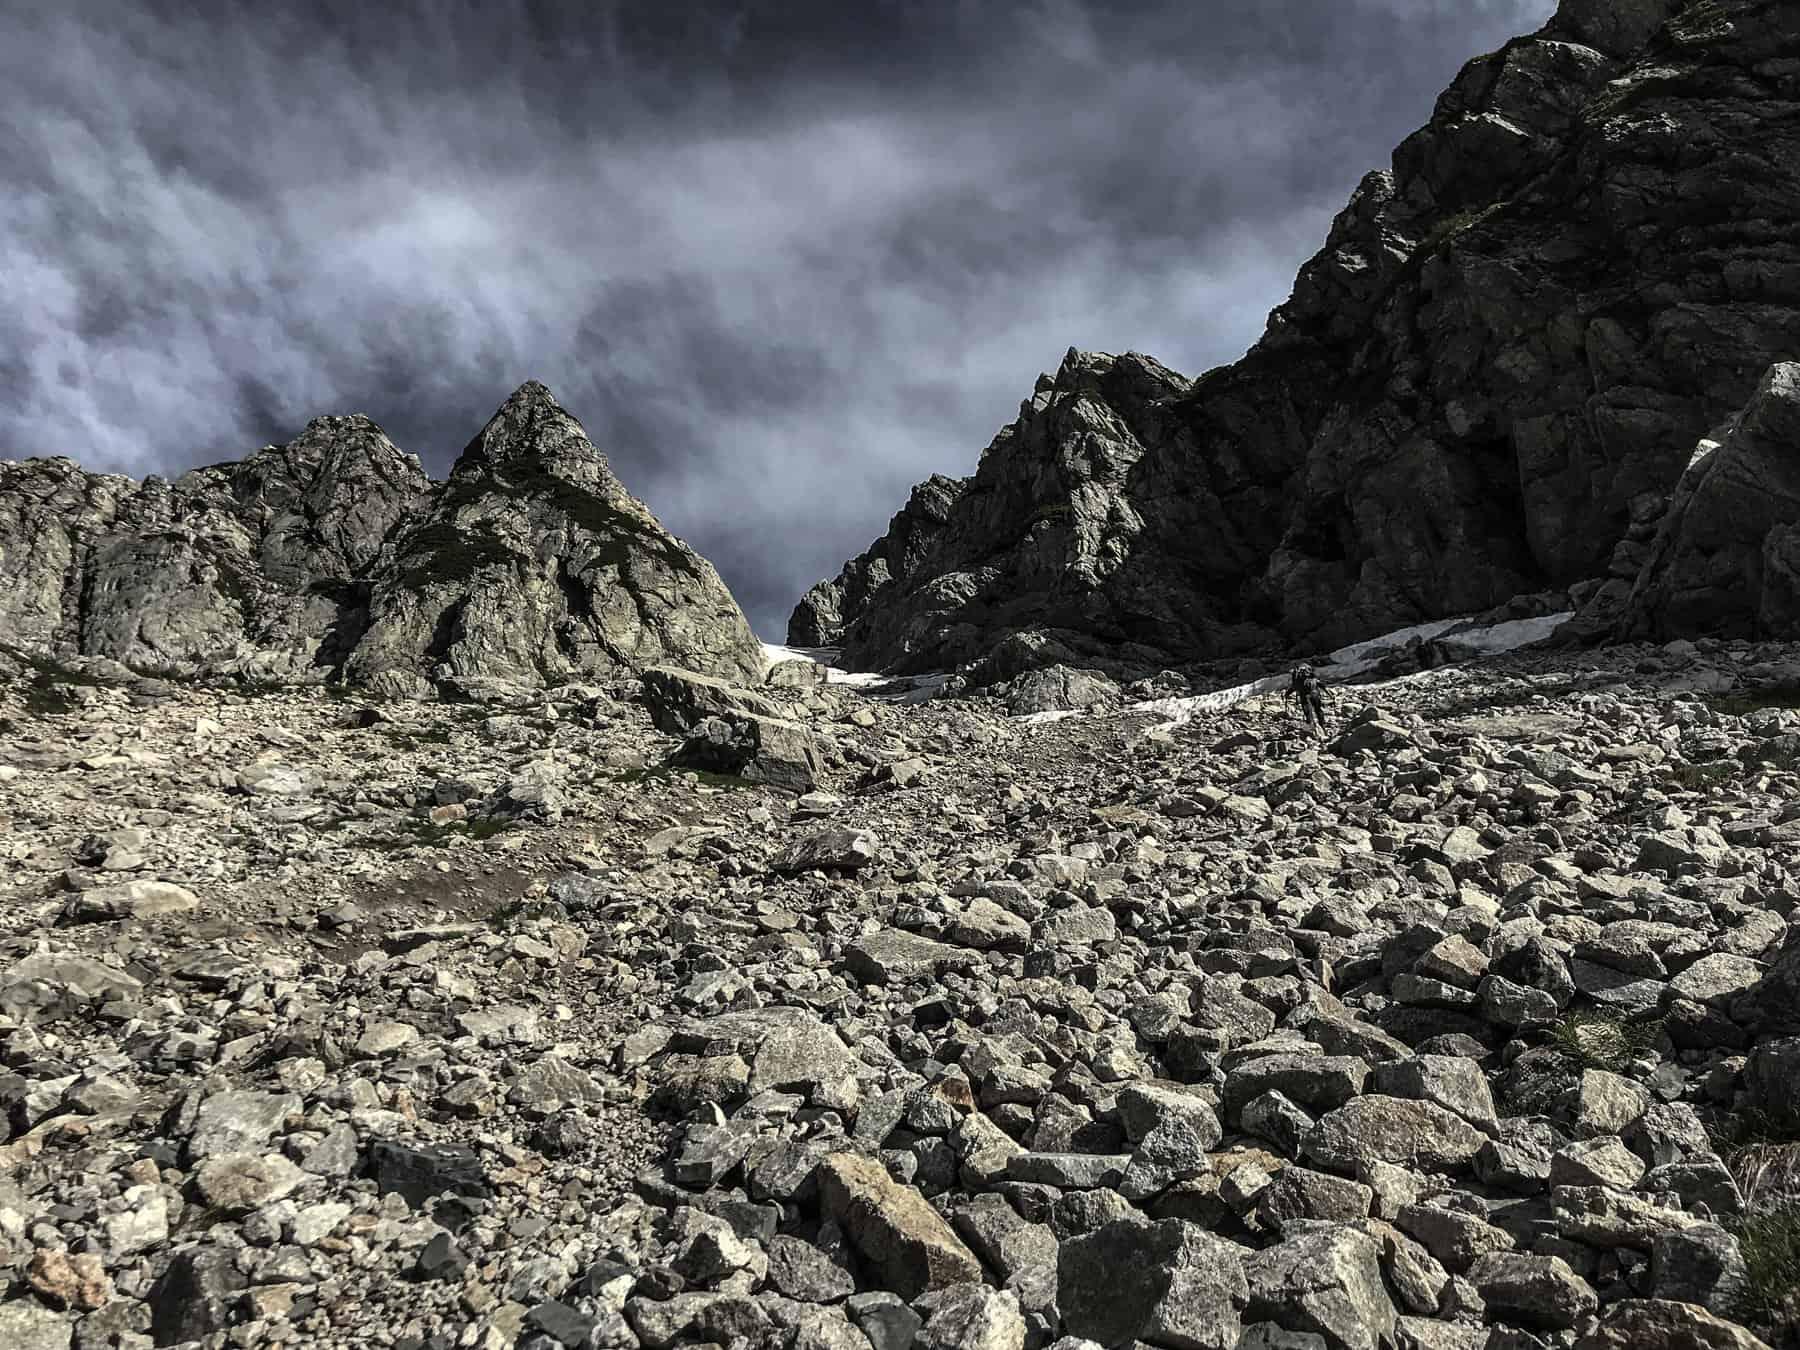 Field Report: Mount Tsurugi IMG_1015